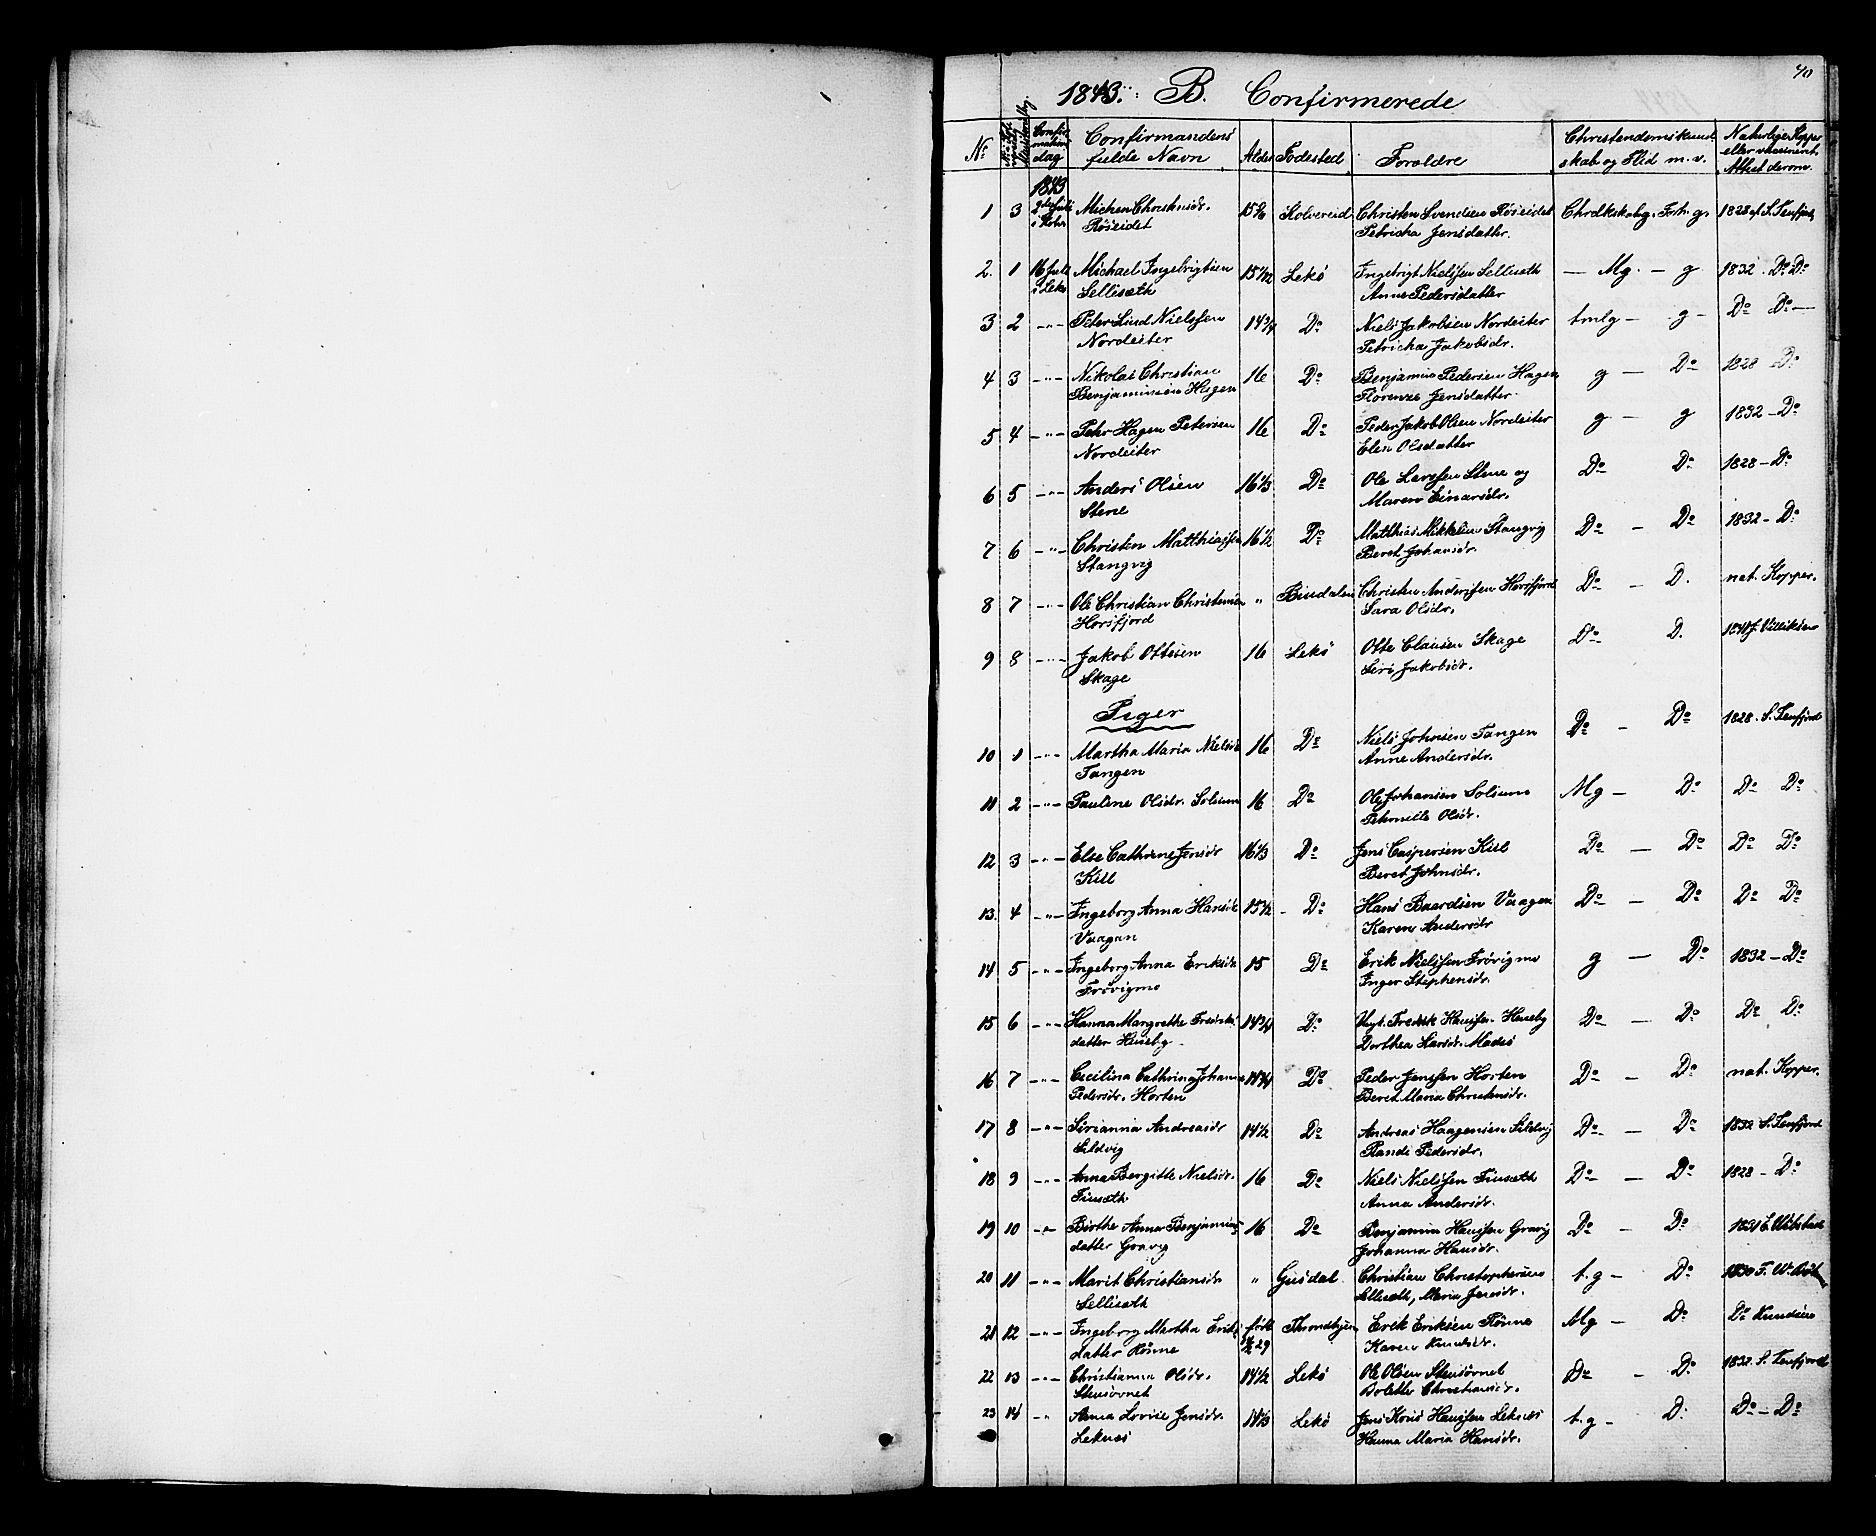 SAT, Ministerialprotokoller, klokkerbøker og fødselsregistre - Nord-Trøndelag, 788/L0695: Ministerialbok nr. 788A02, 1843-1862, s. 40